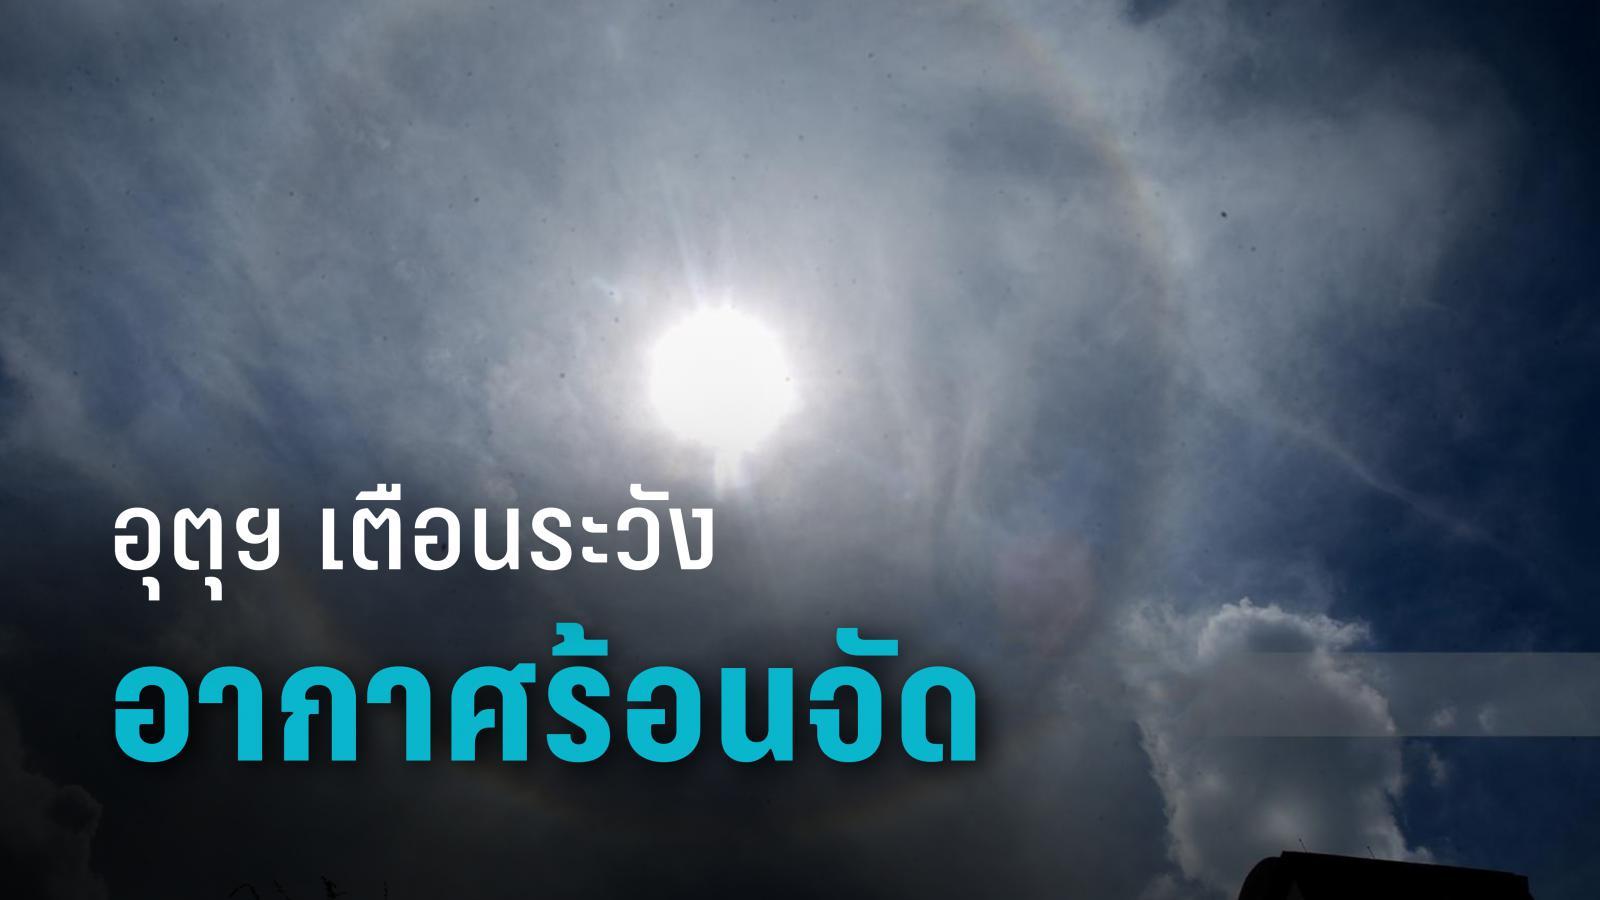 อุตุฯ  เตือนไทยมีอากาศร้อนจัดบางพื้นที่